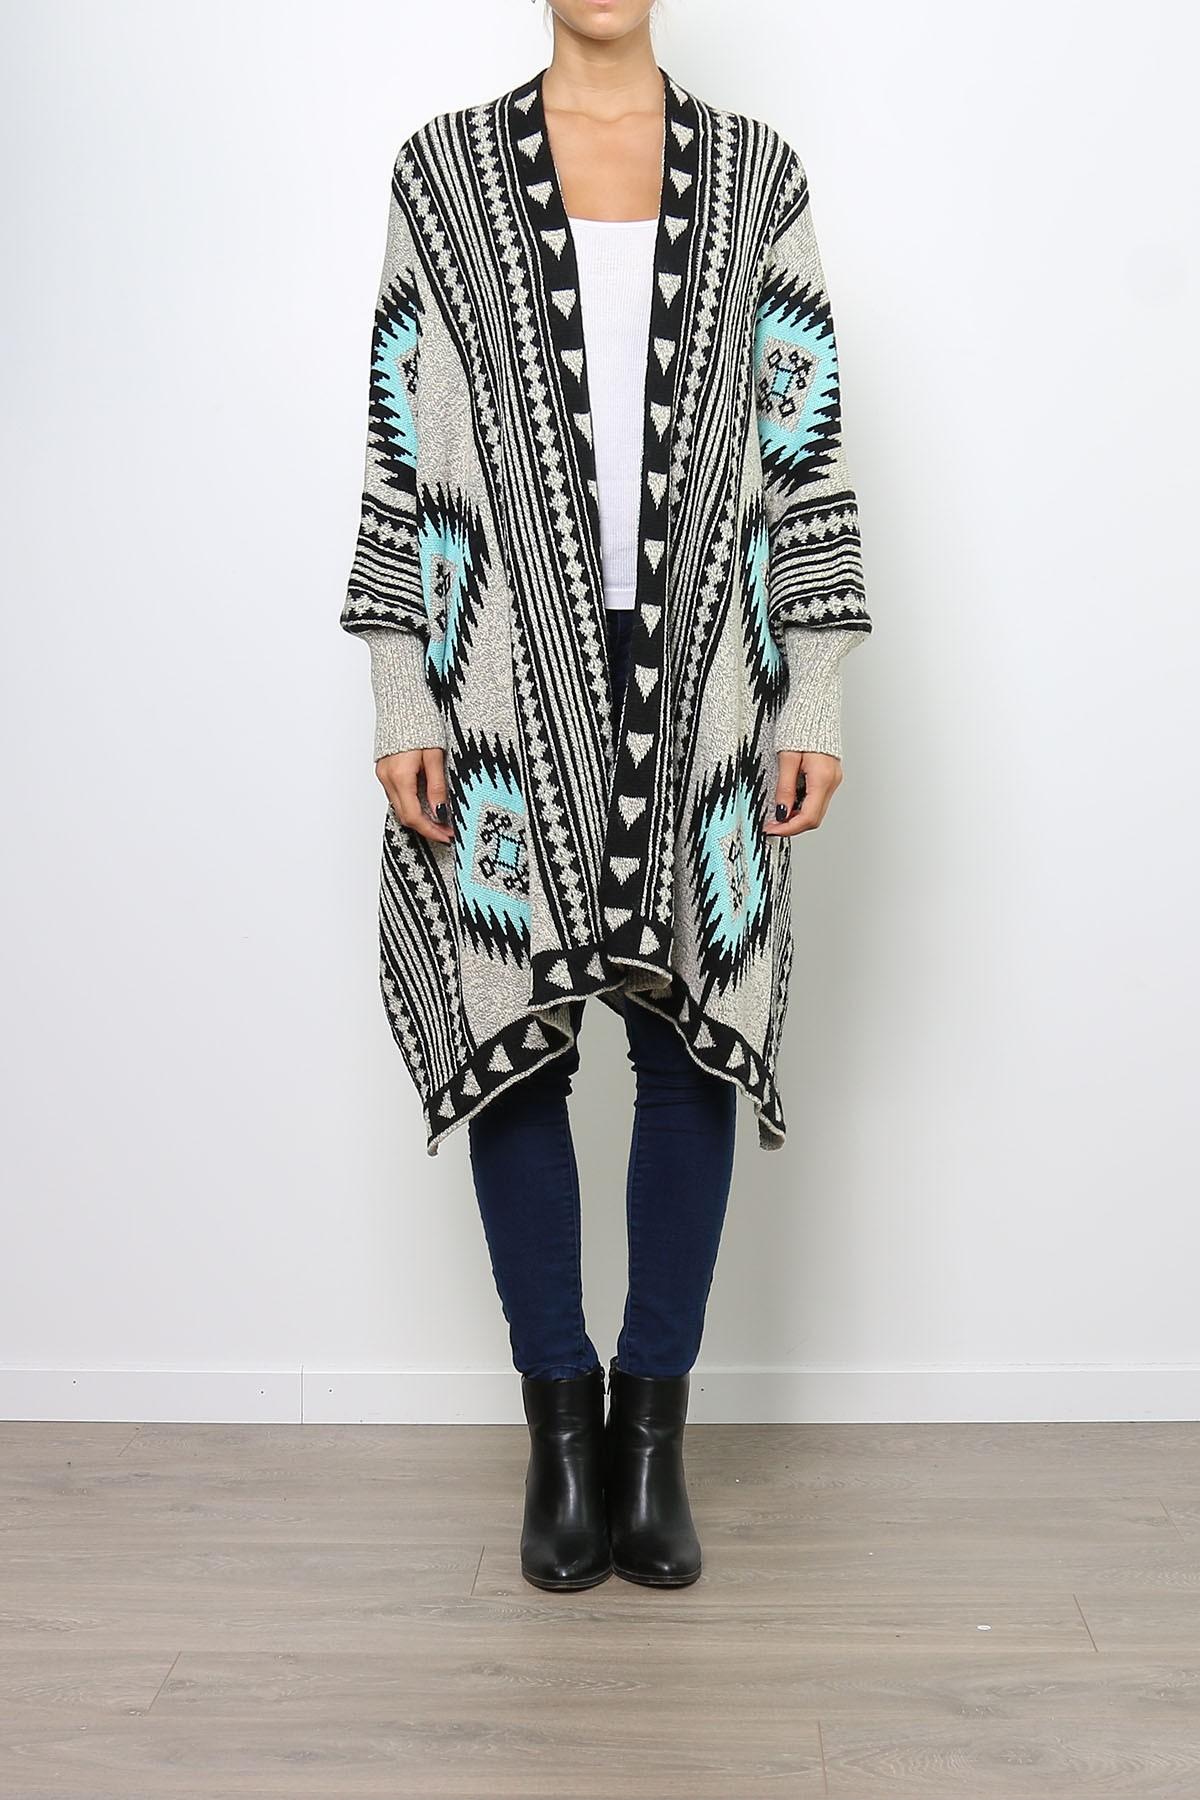 gilet long poncho ethnique laine beige bleu artemis beige ebay. Black Bedroom Furniture Sets. Home Design Ideas